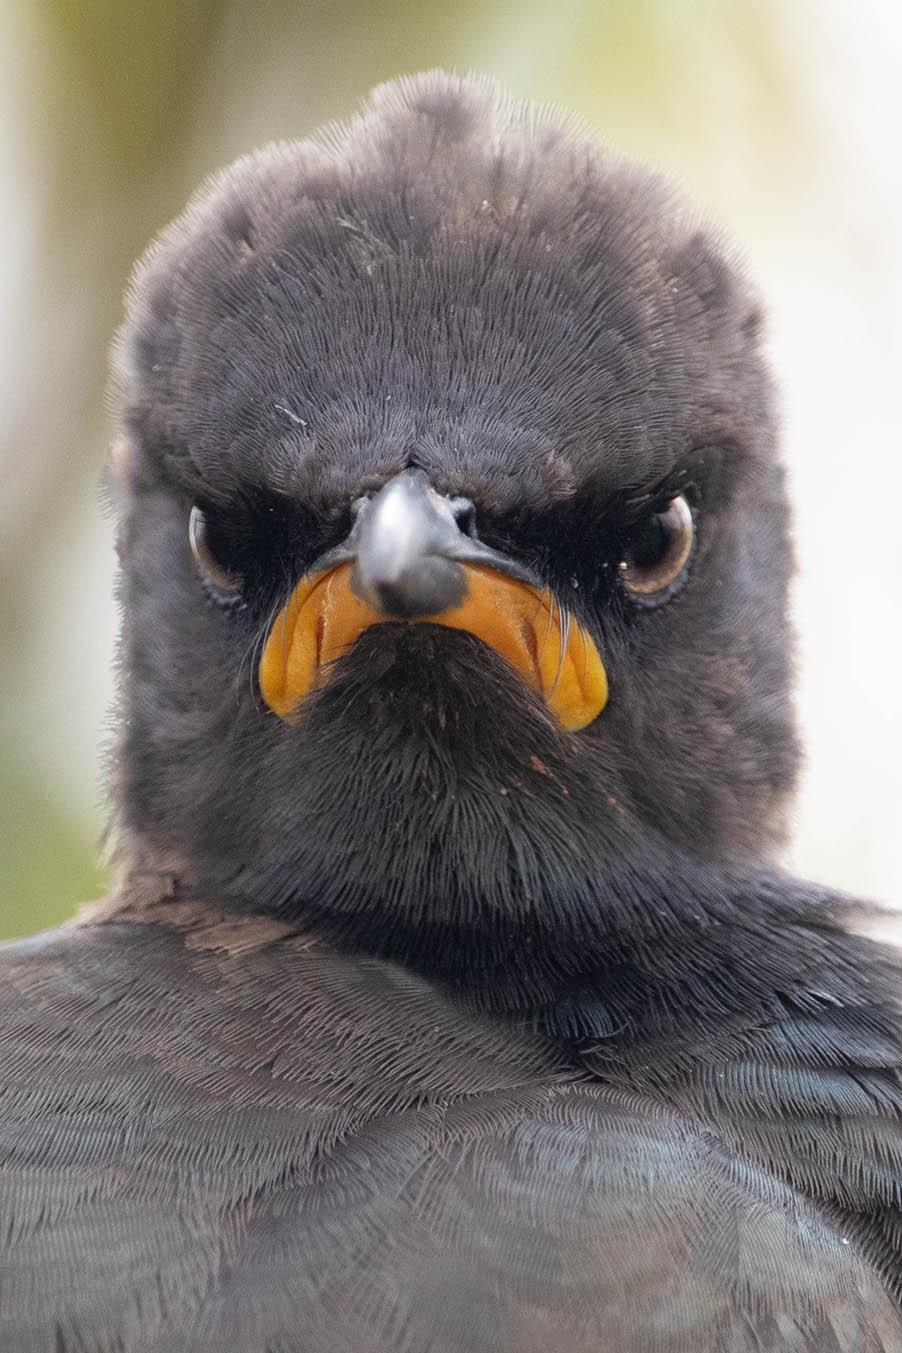 Comedy Wildlife Photography Awards опубликовала самые комичные фото животных - фото №15